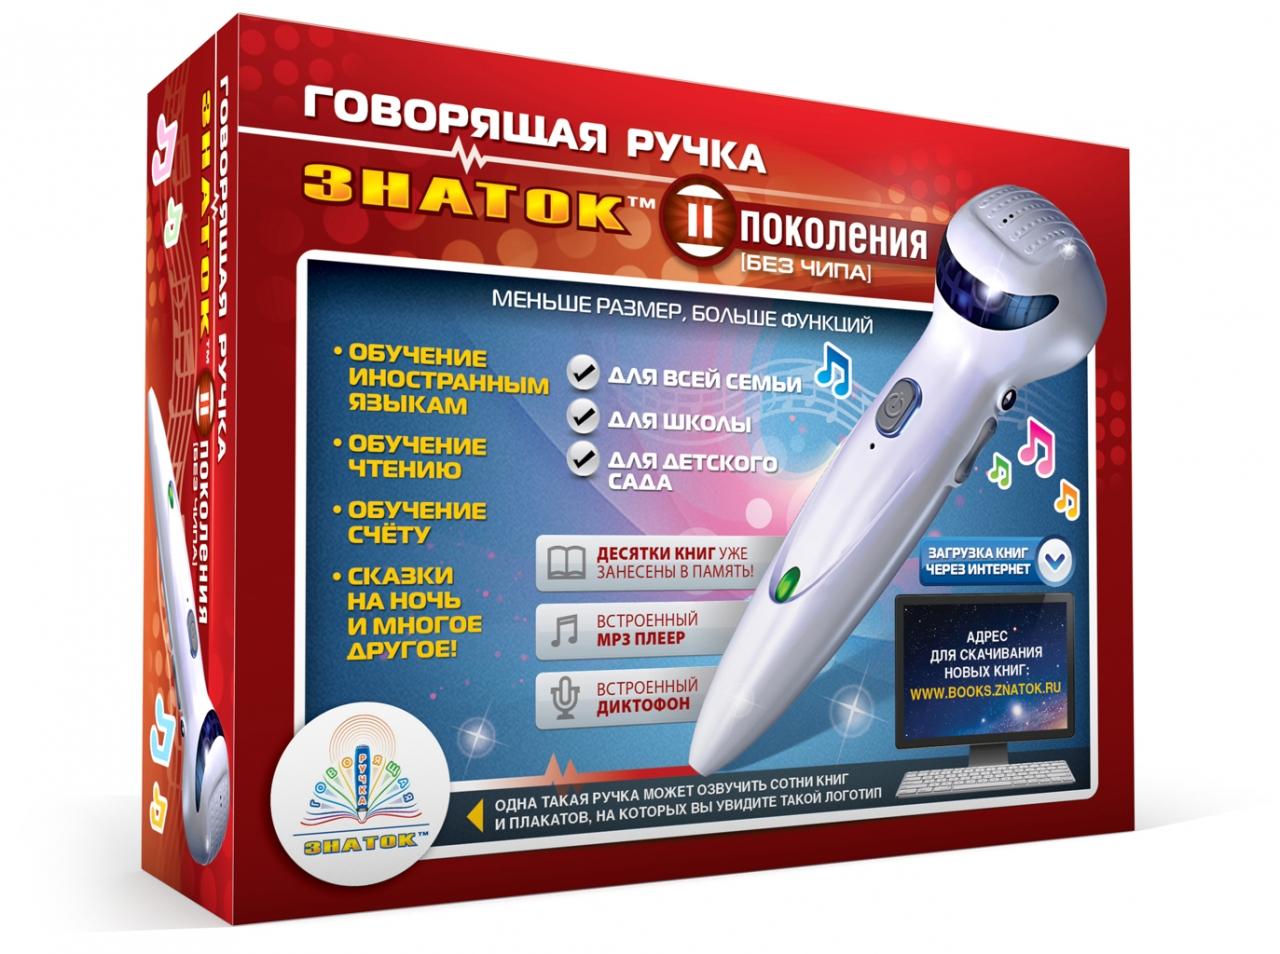 Купить Набор ЗНАТОК ZP70189 Ручка электронная говорящая 4Гб, Знаток, Для мальчиков и девочек, Обучающие материалы и авторские методики для детей